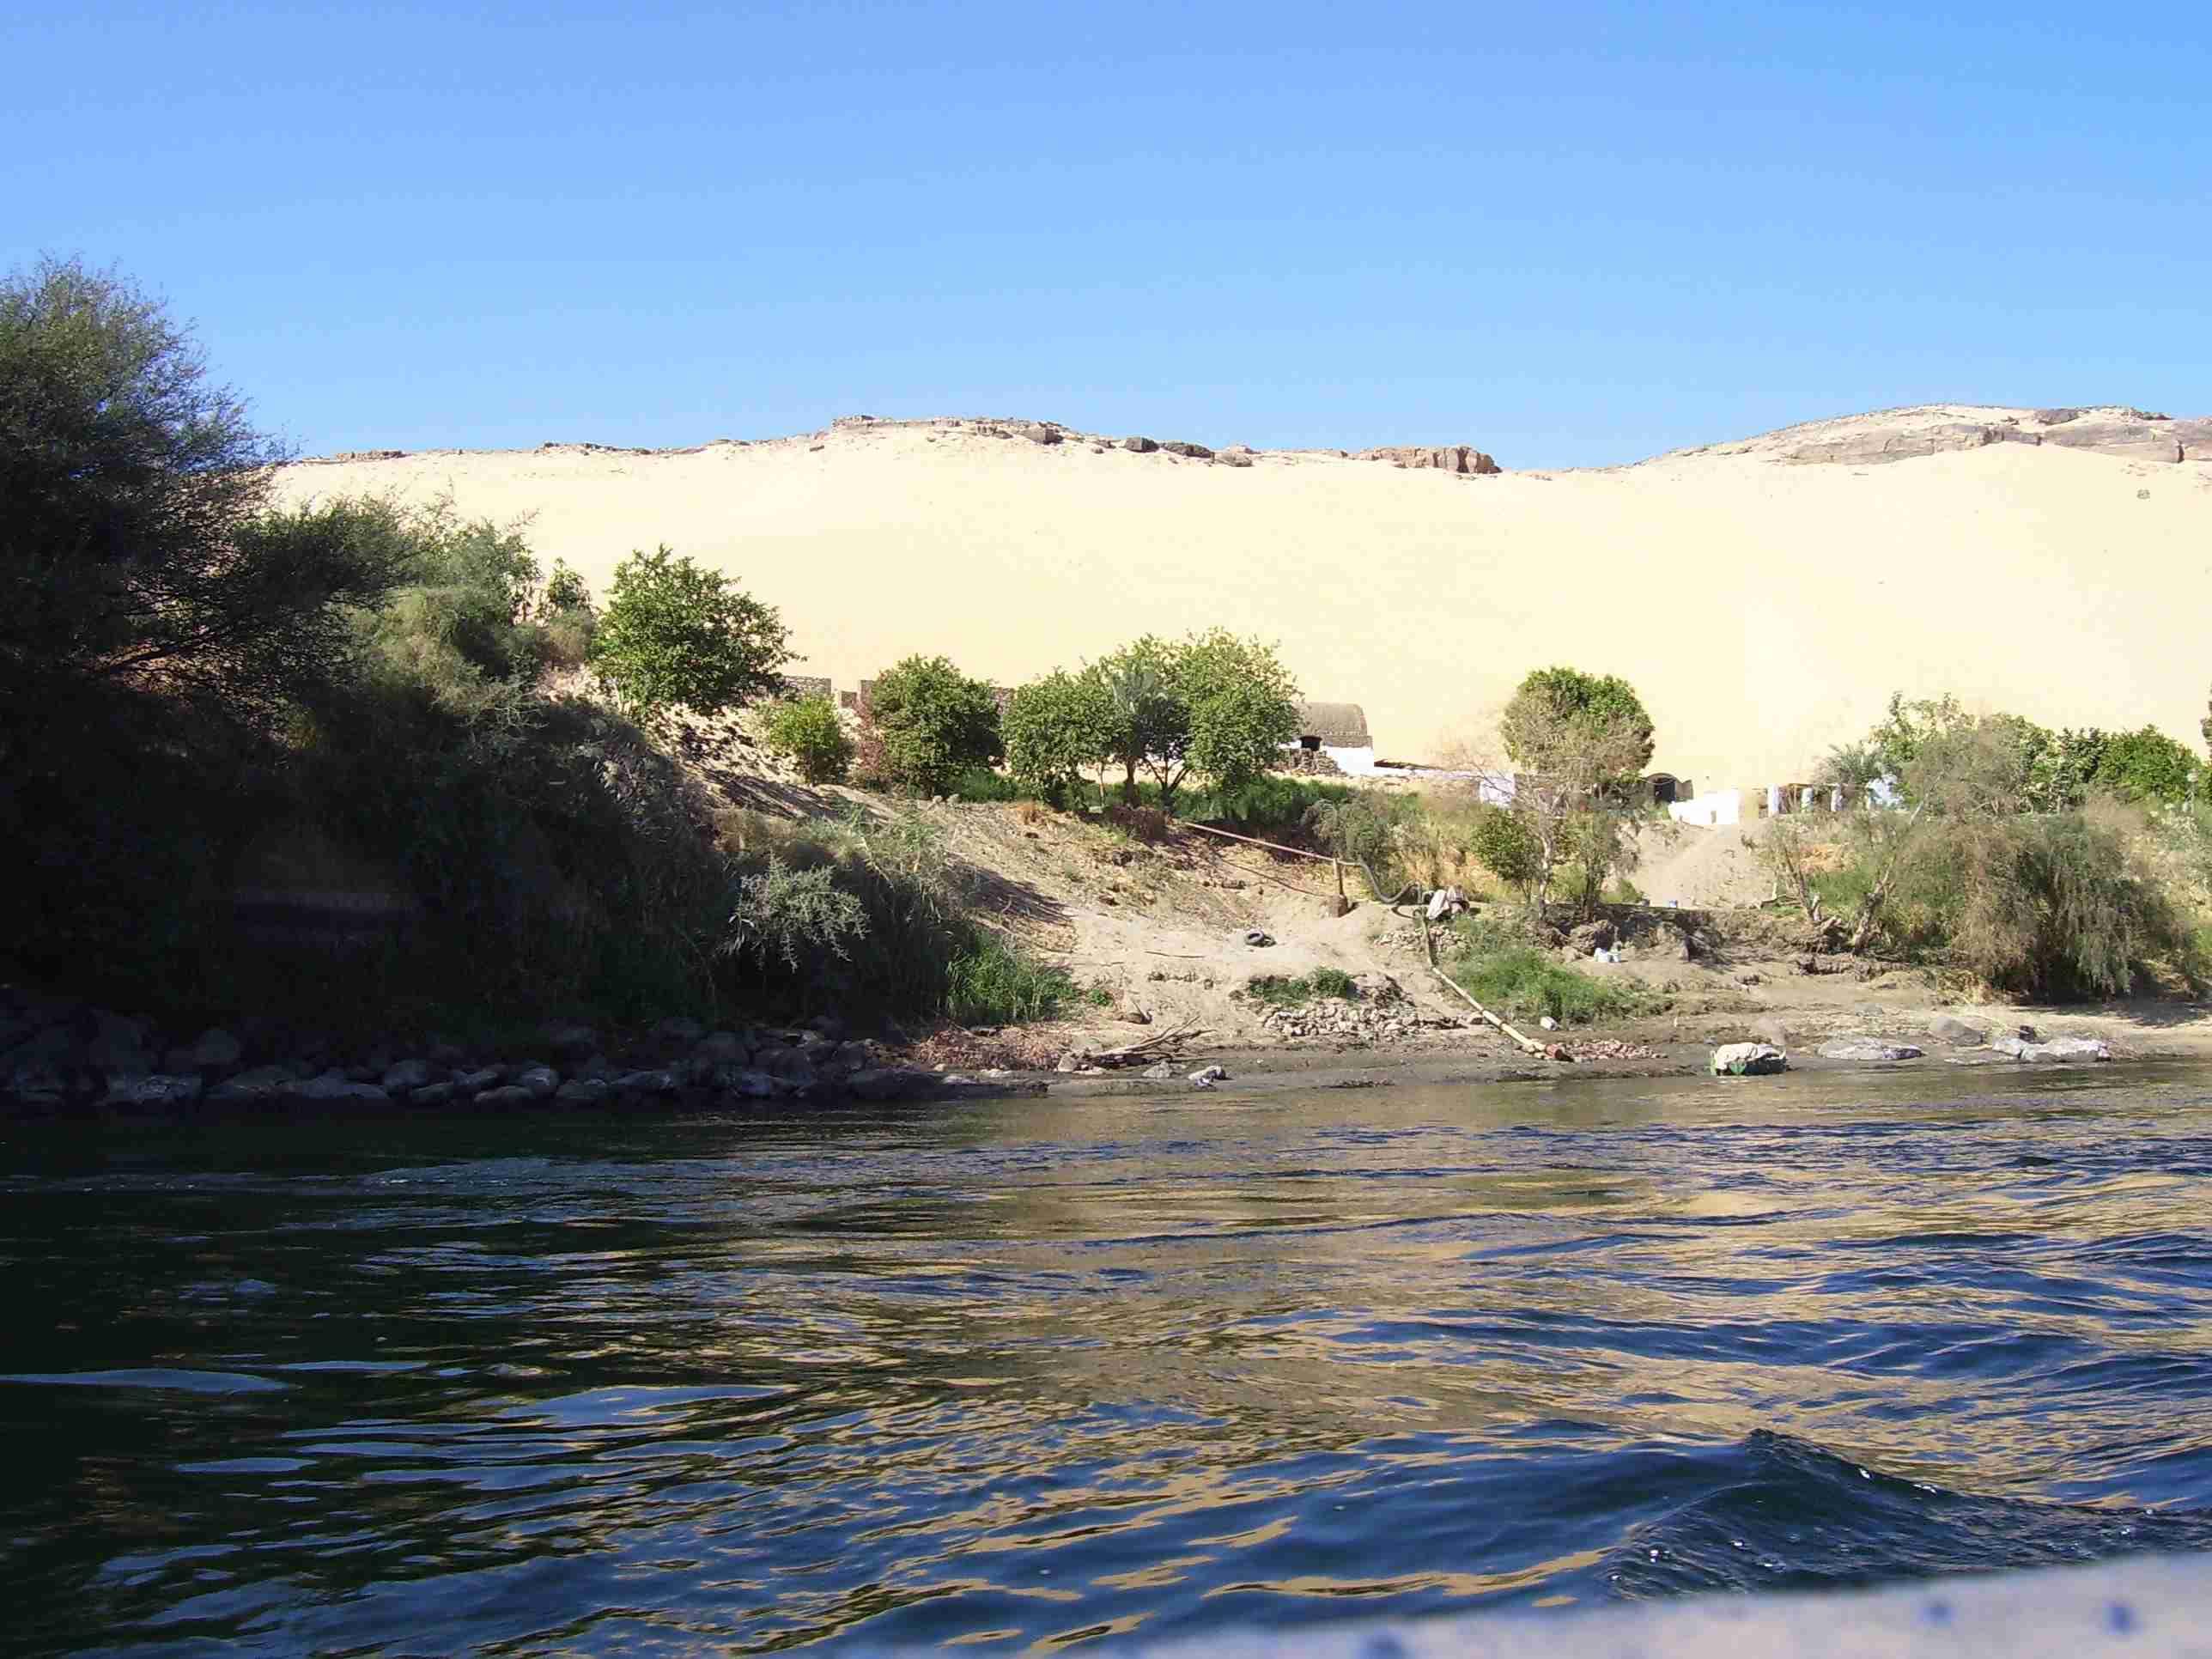 Africa egitto il cairo e crociera sul nilo i vostri for Cabine del fiume bandera